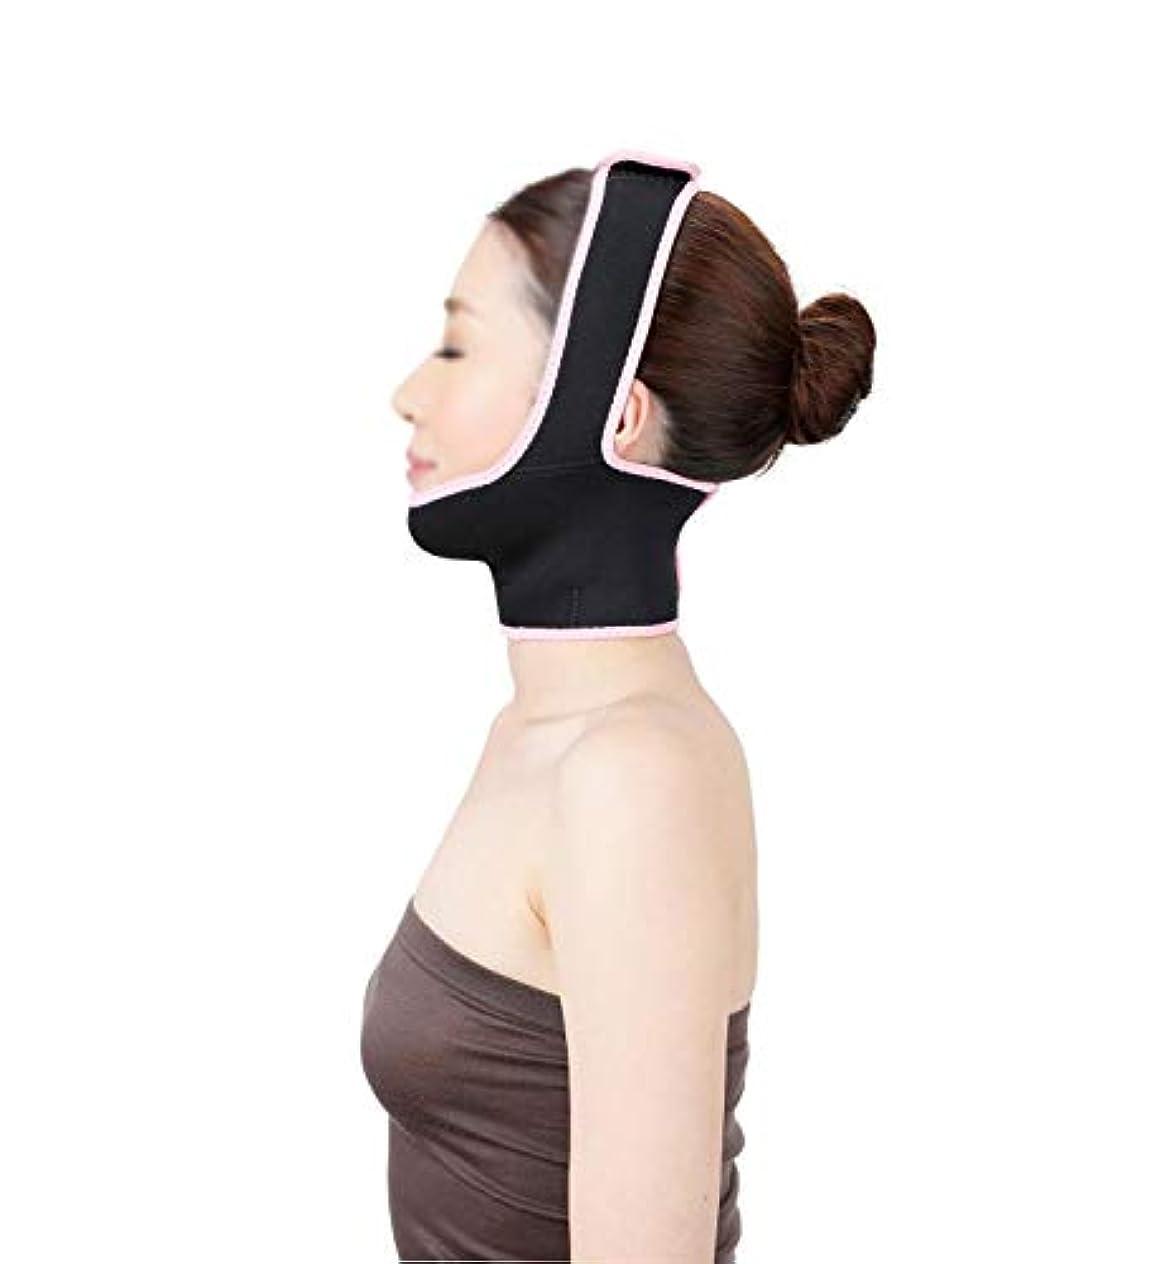 表向きルーチン相関するフェイスリフトマスク、あごストラップ回復ポスト包帯ヘッドギアフェイスマスクフェイスシンフェイスマスクアーティファクト美容顔と首リフトブラックマスク